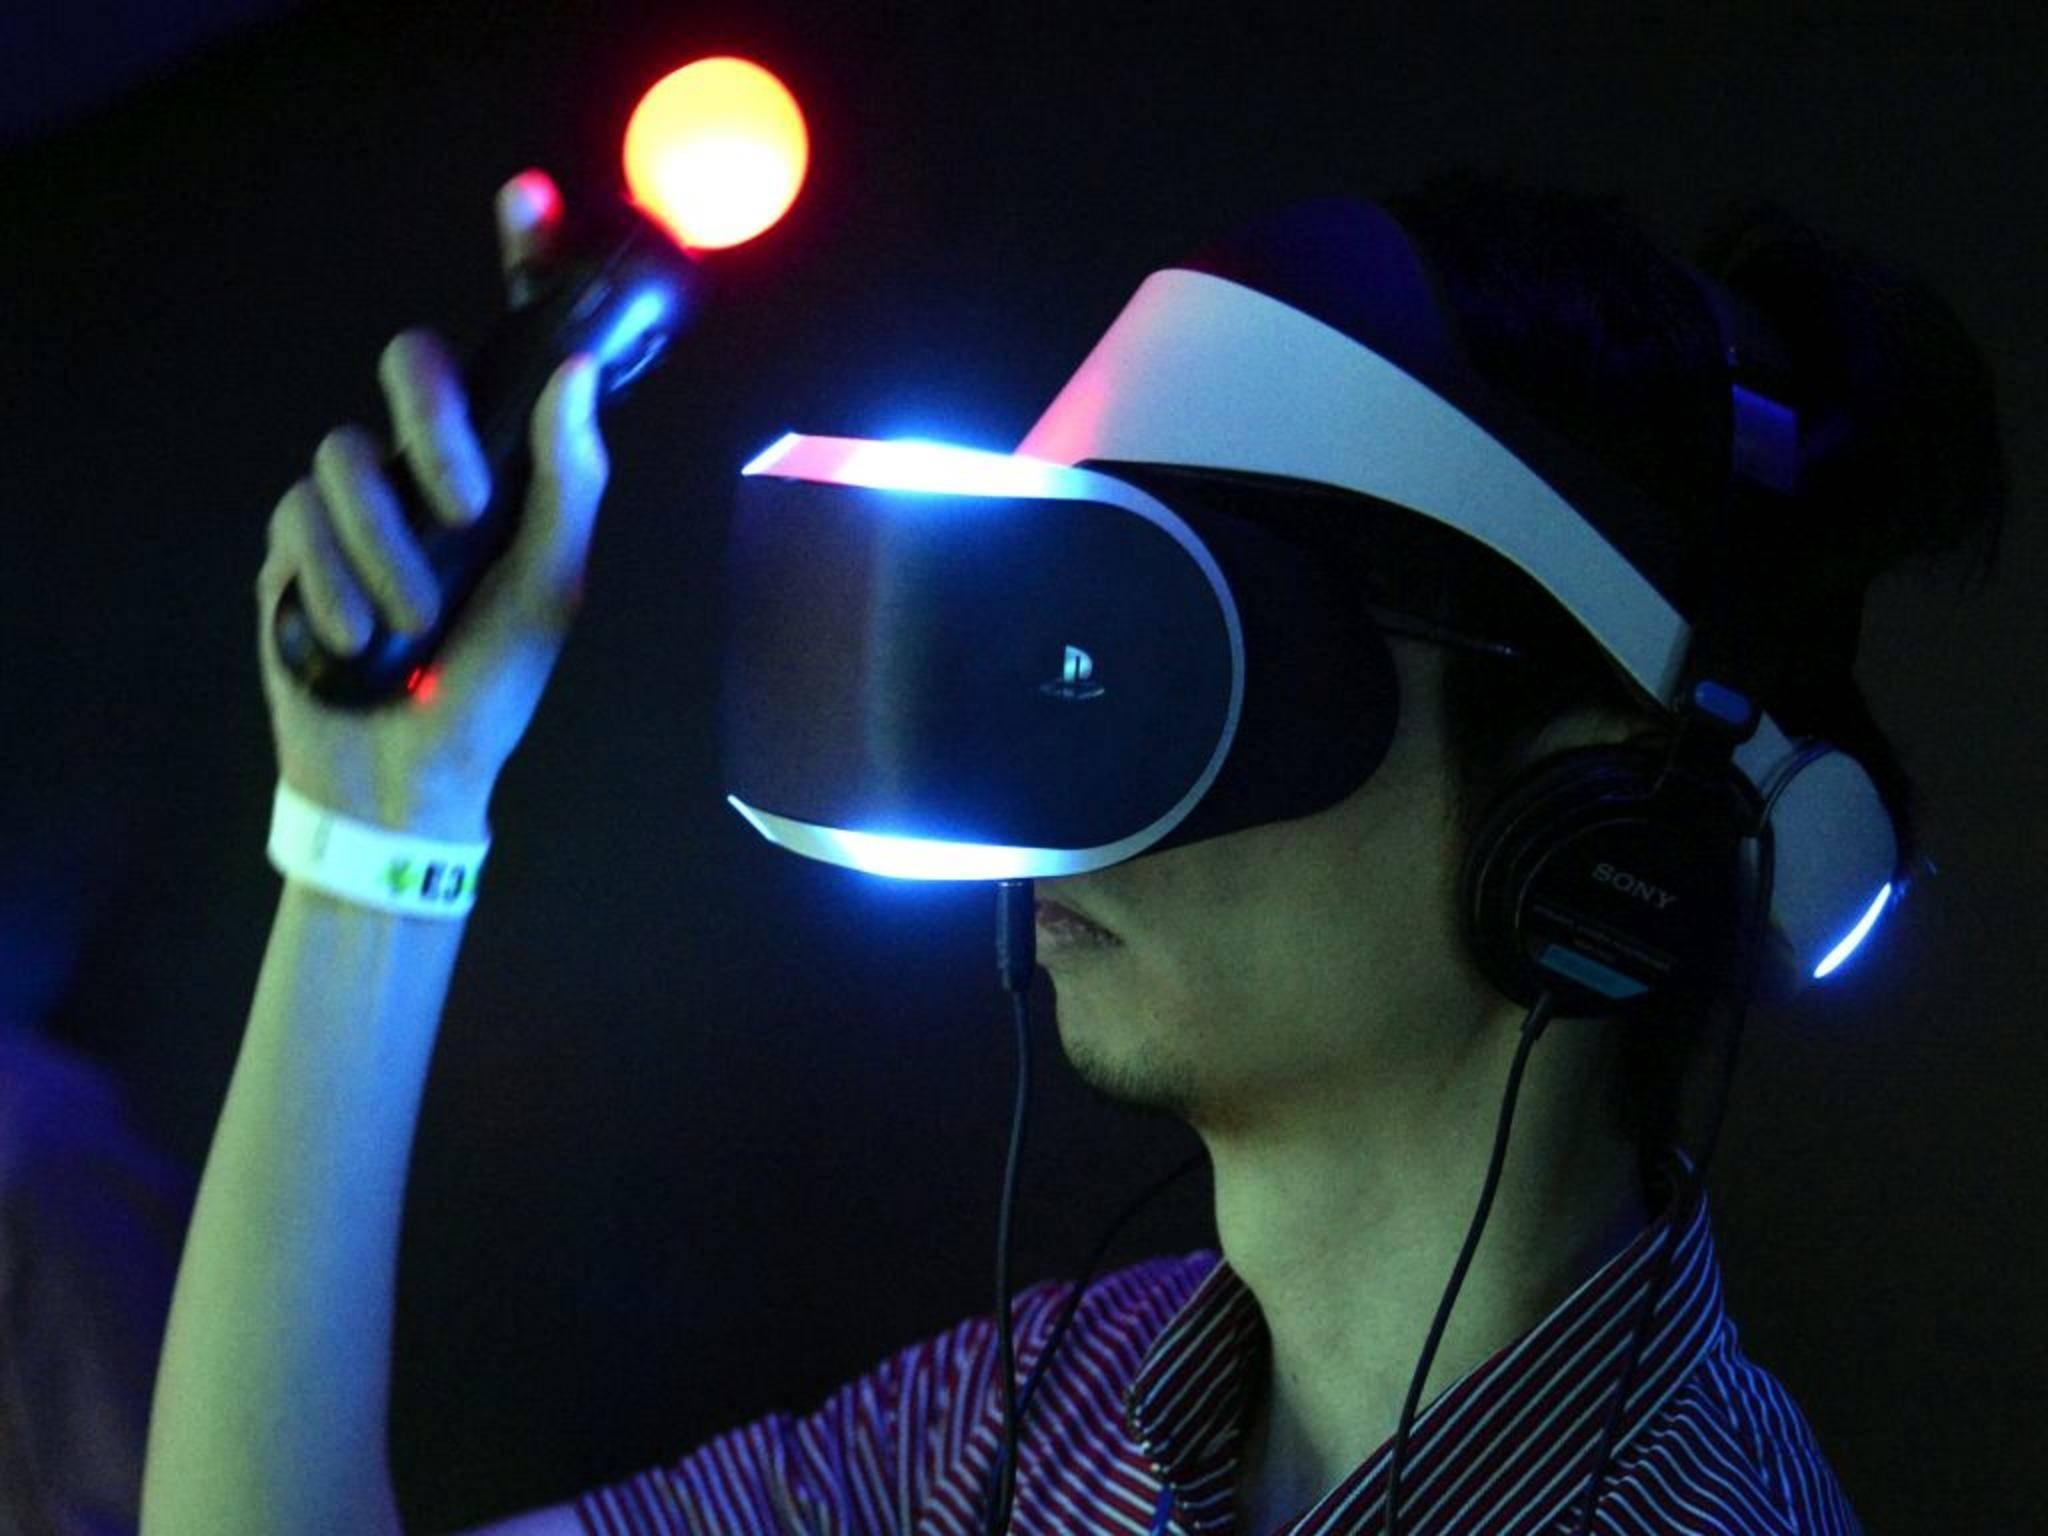 Nicht Brett, sondern Brille vorm Kopf: Sony zeigt Project Morpheus auf der GDC in San Francisco.